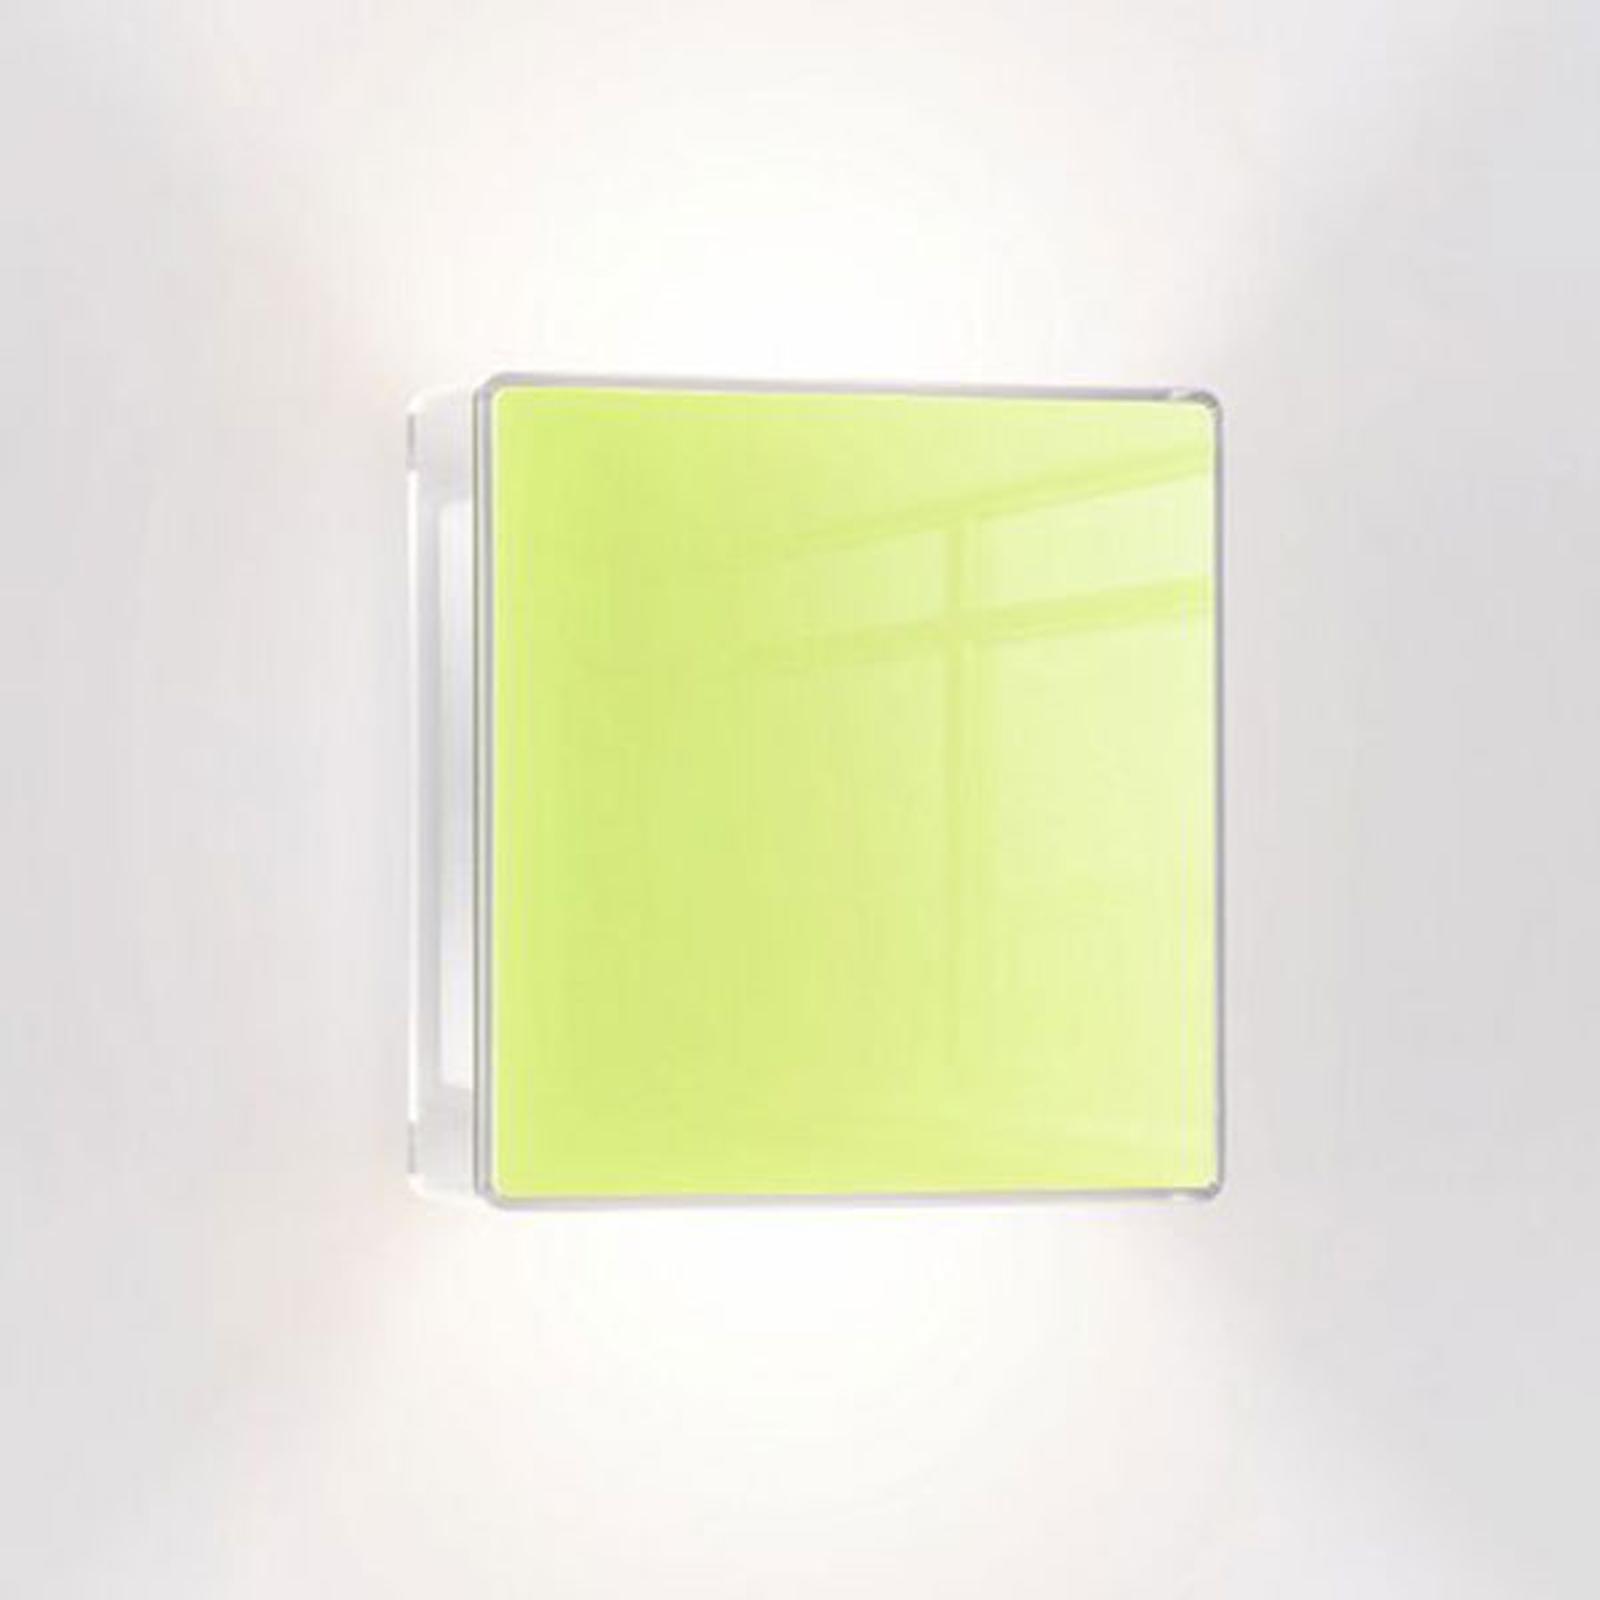 serien.lighting App - LED-Wandleuchte, grün